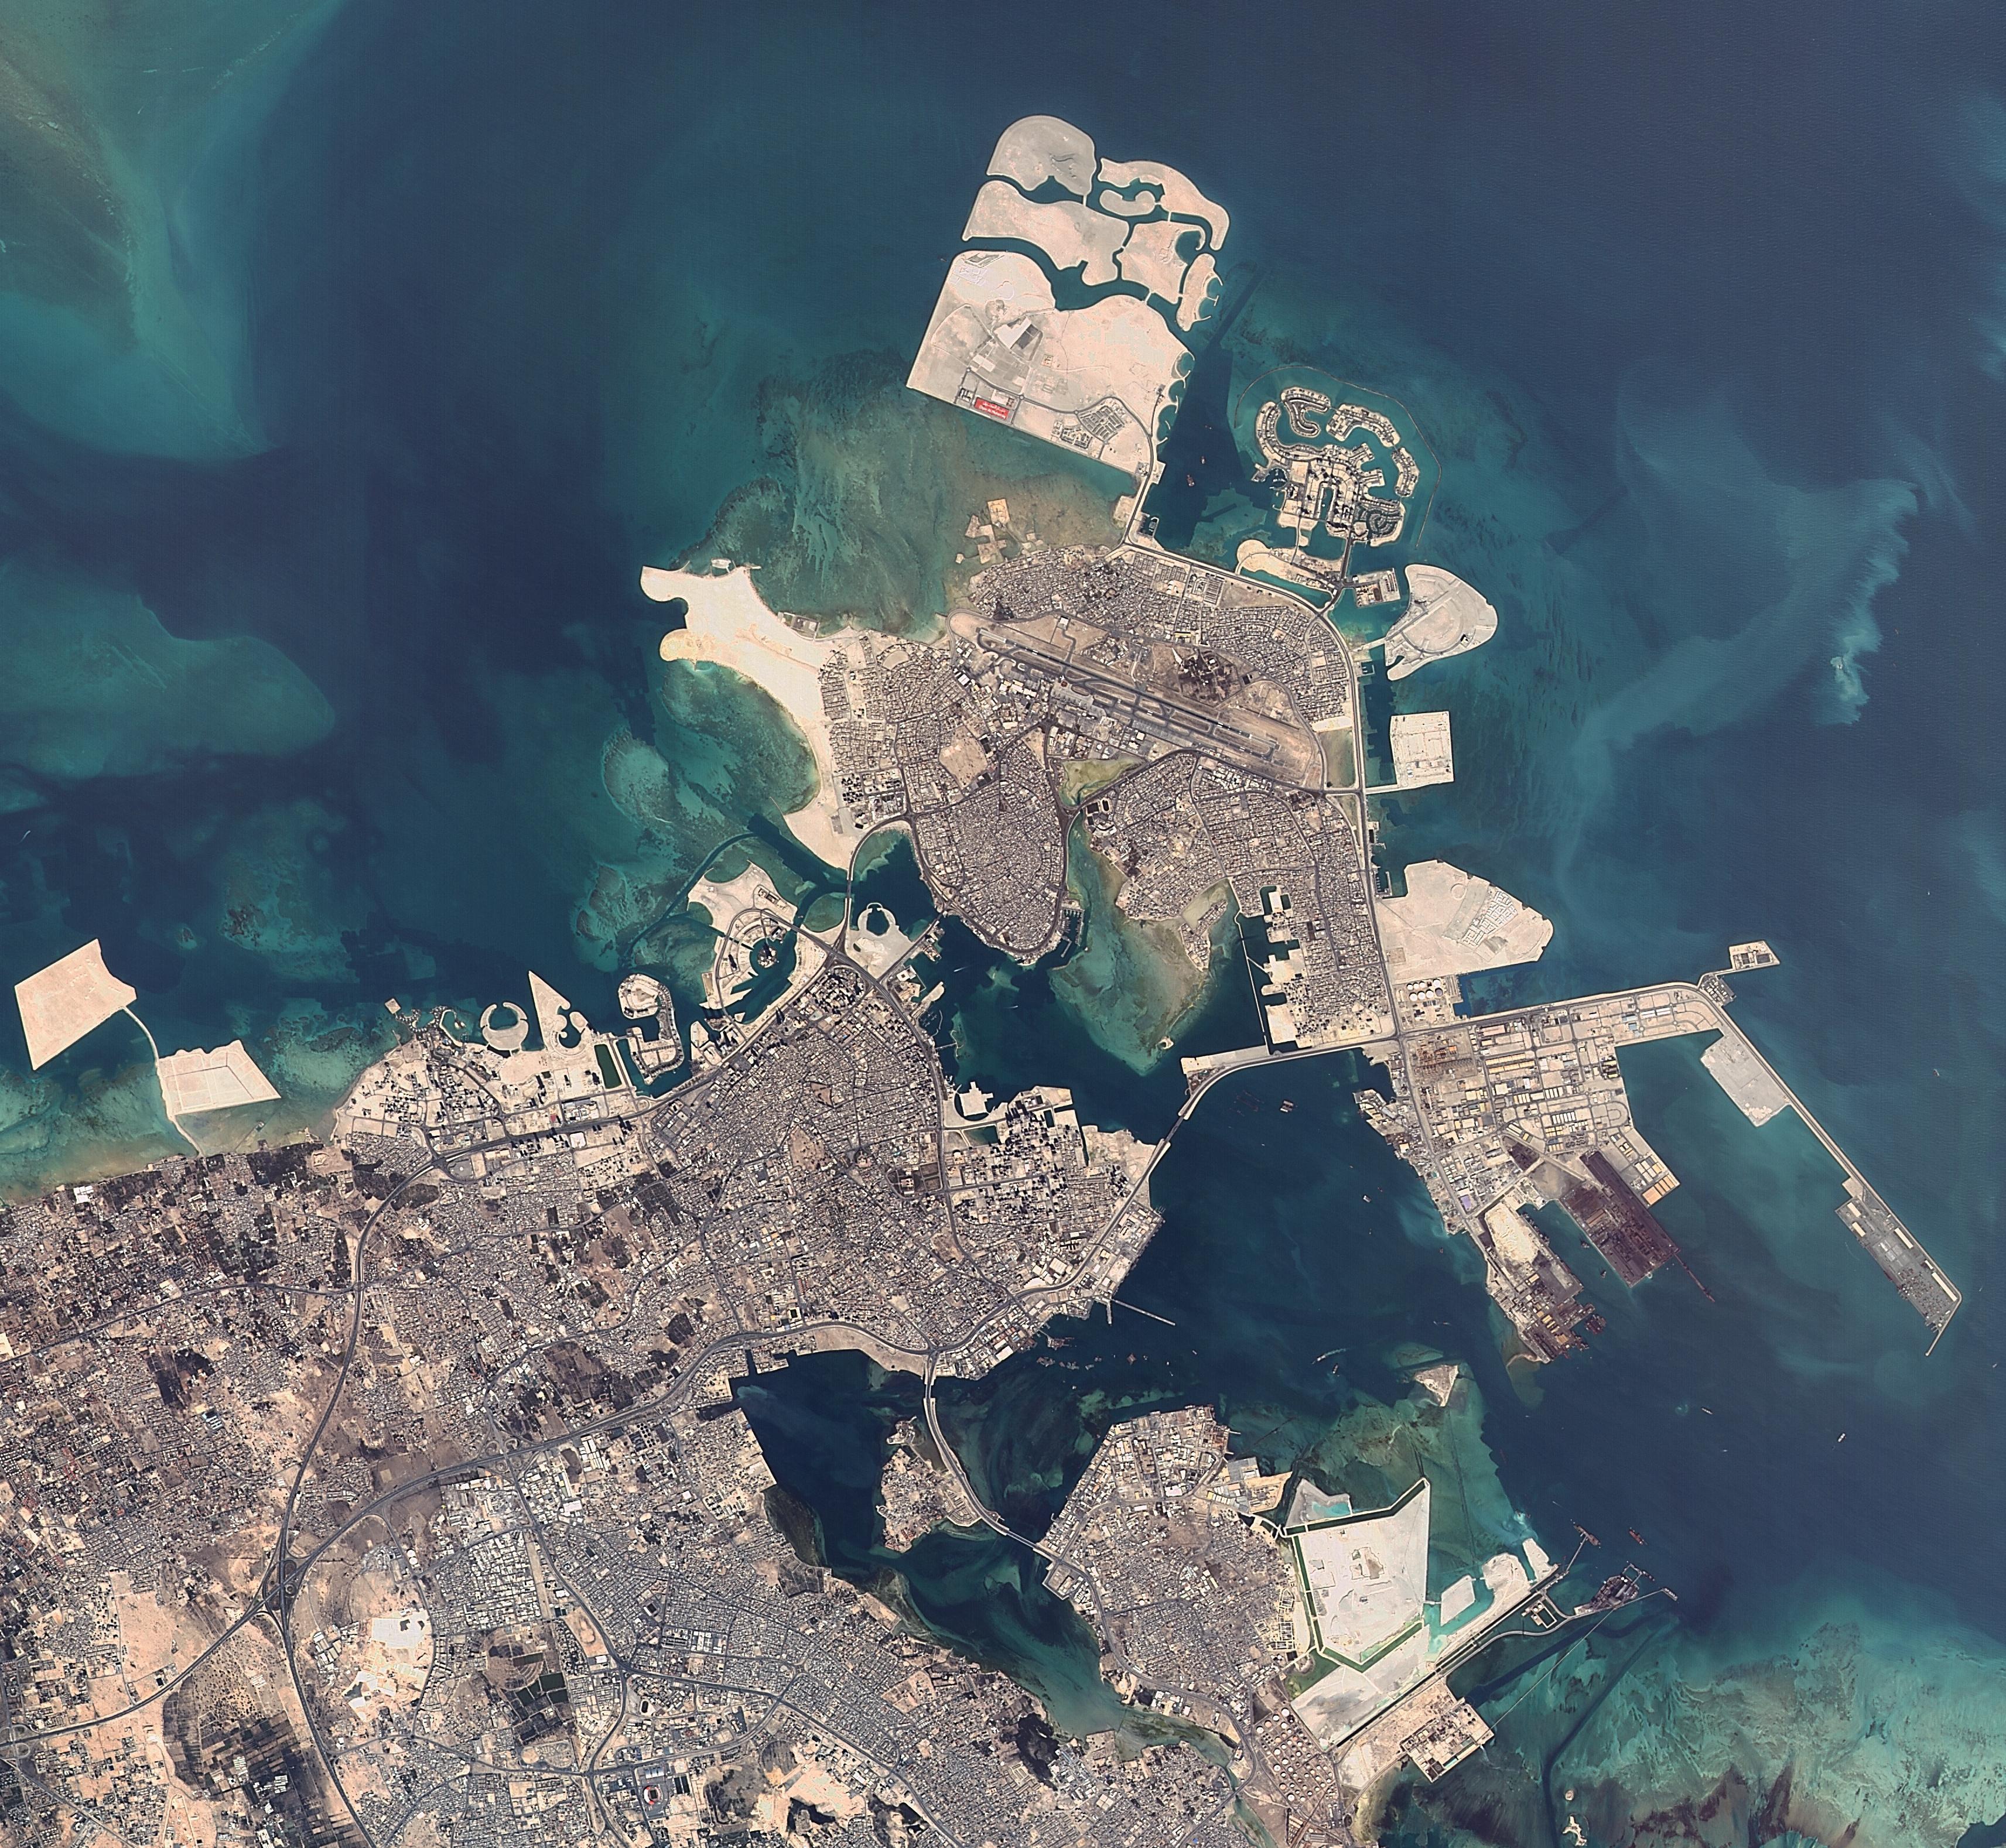 Bahreyn 13 Ocak 2016 4 Şubat 2016